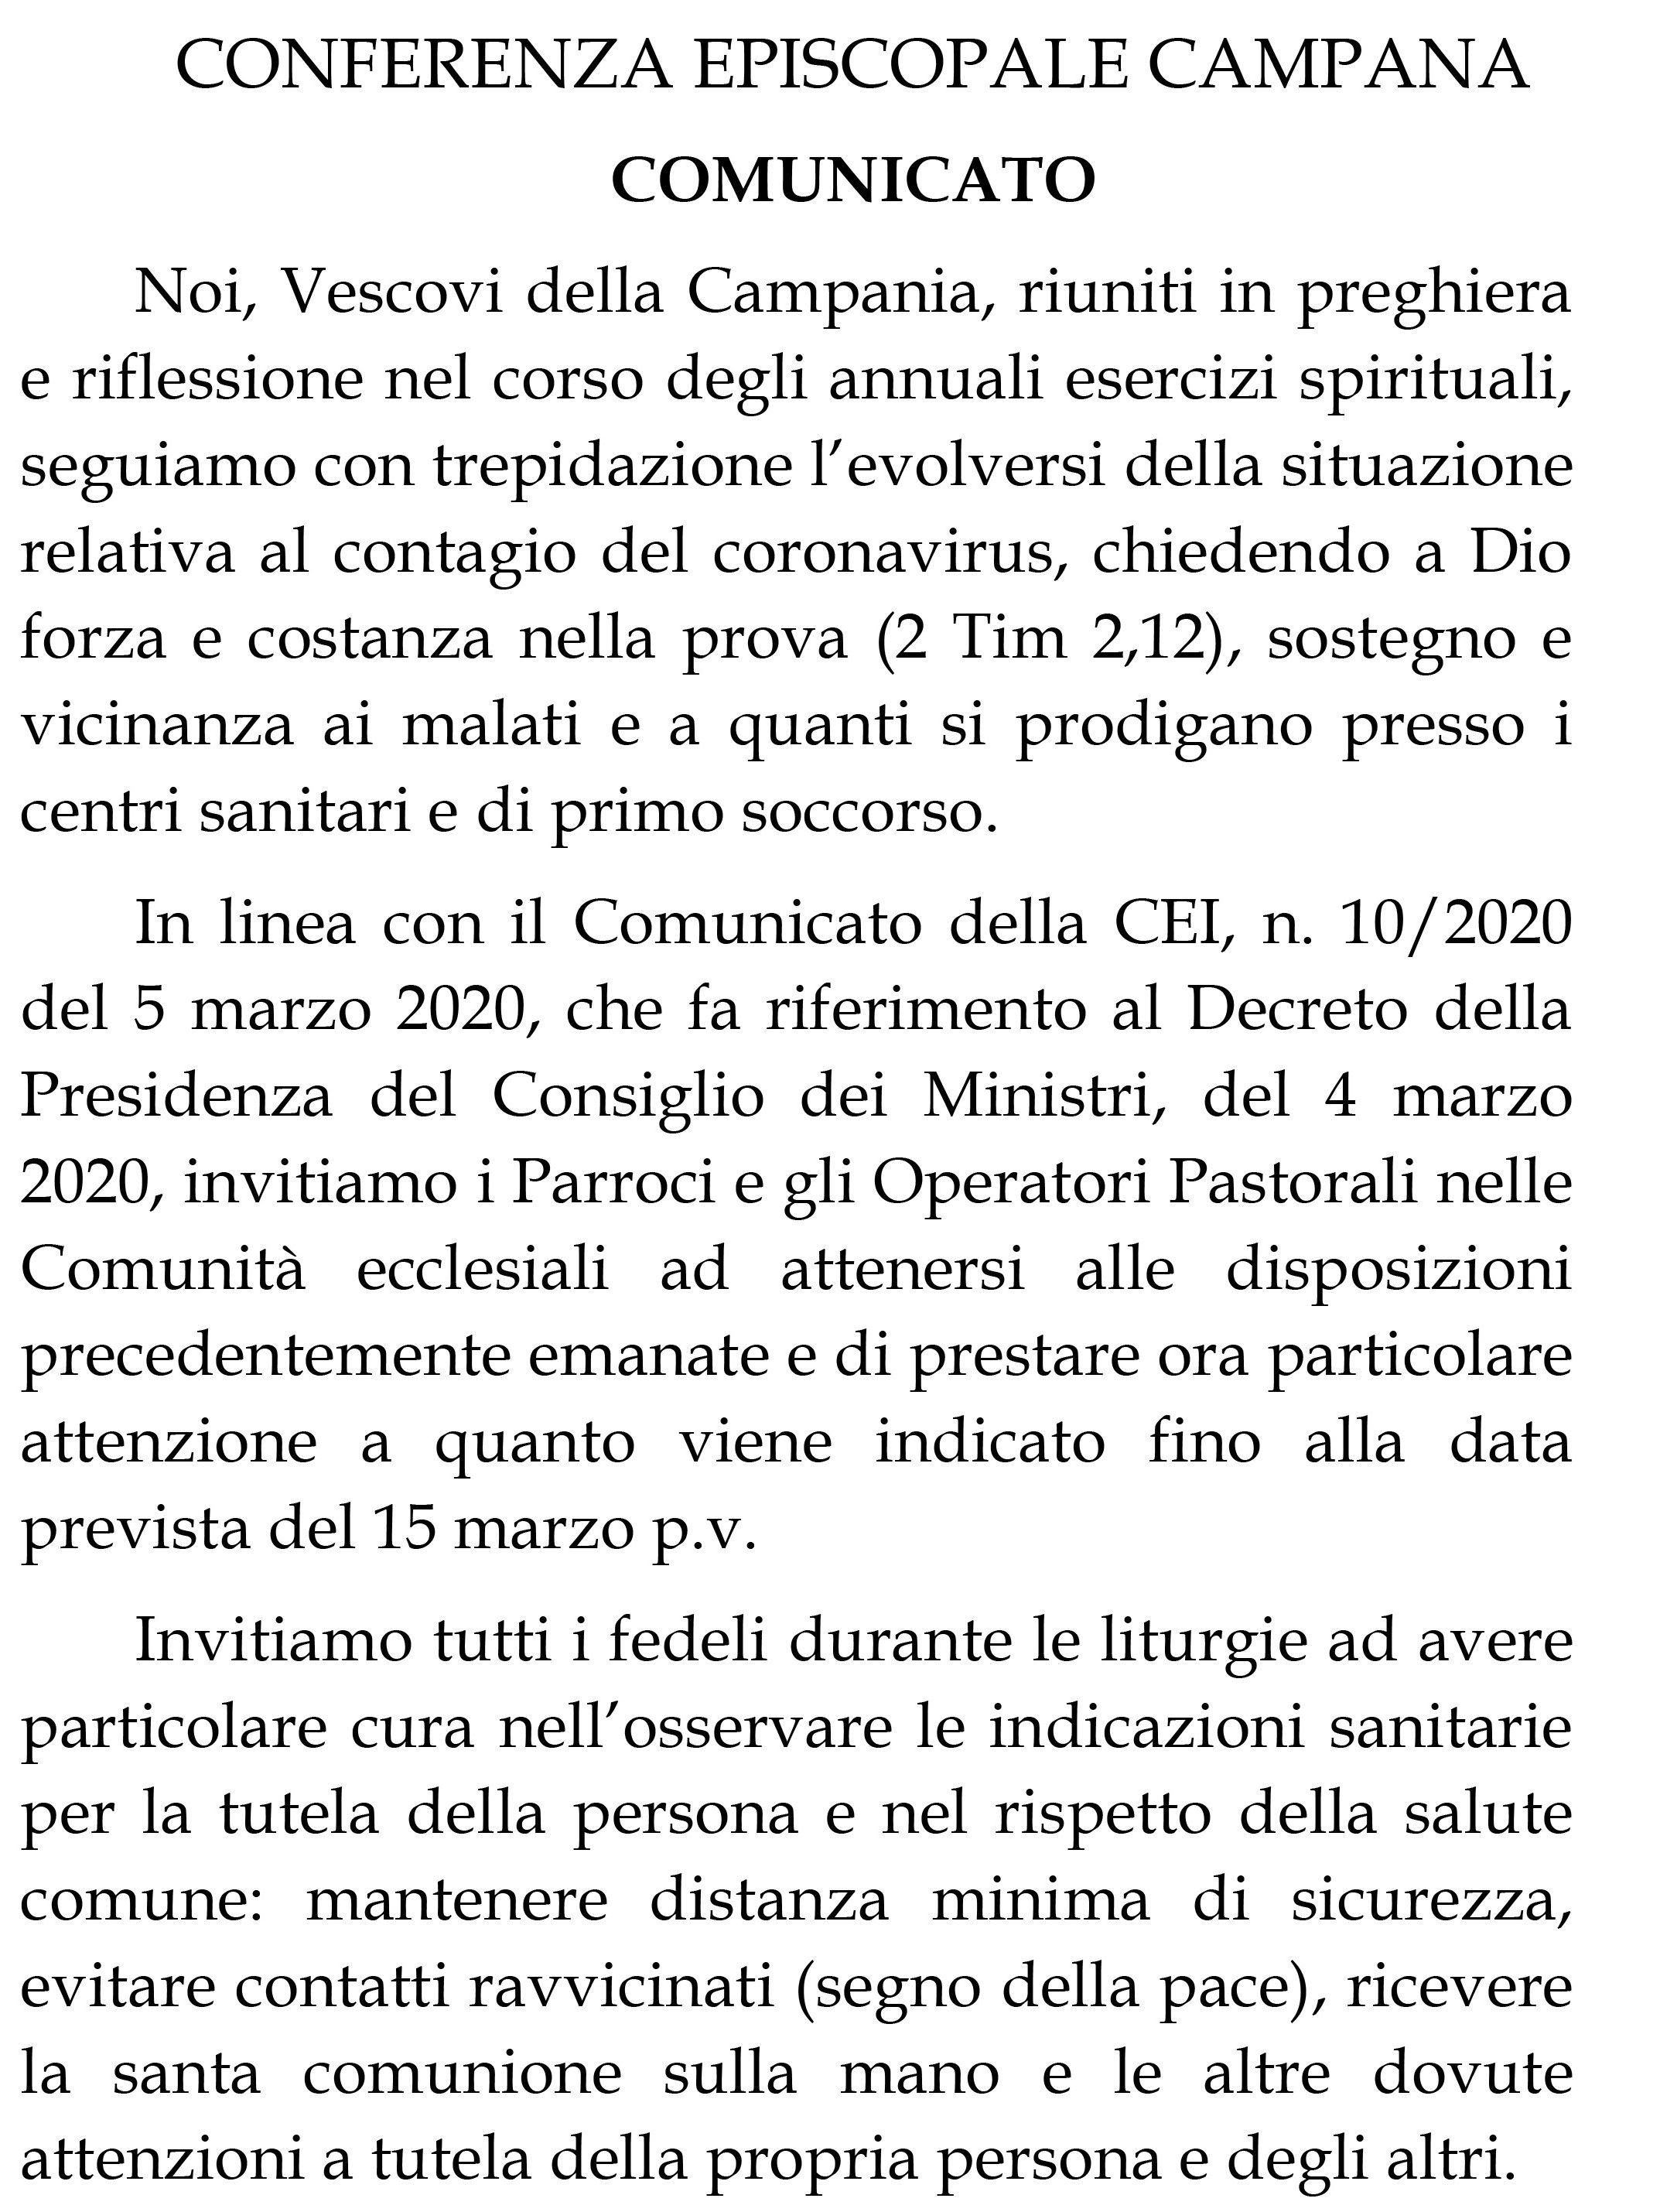 CONFERENZA EPISCOPALE CAMPANA: COMUNICATO